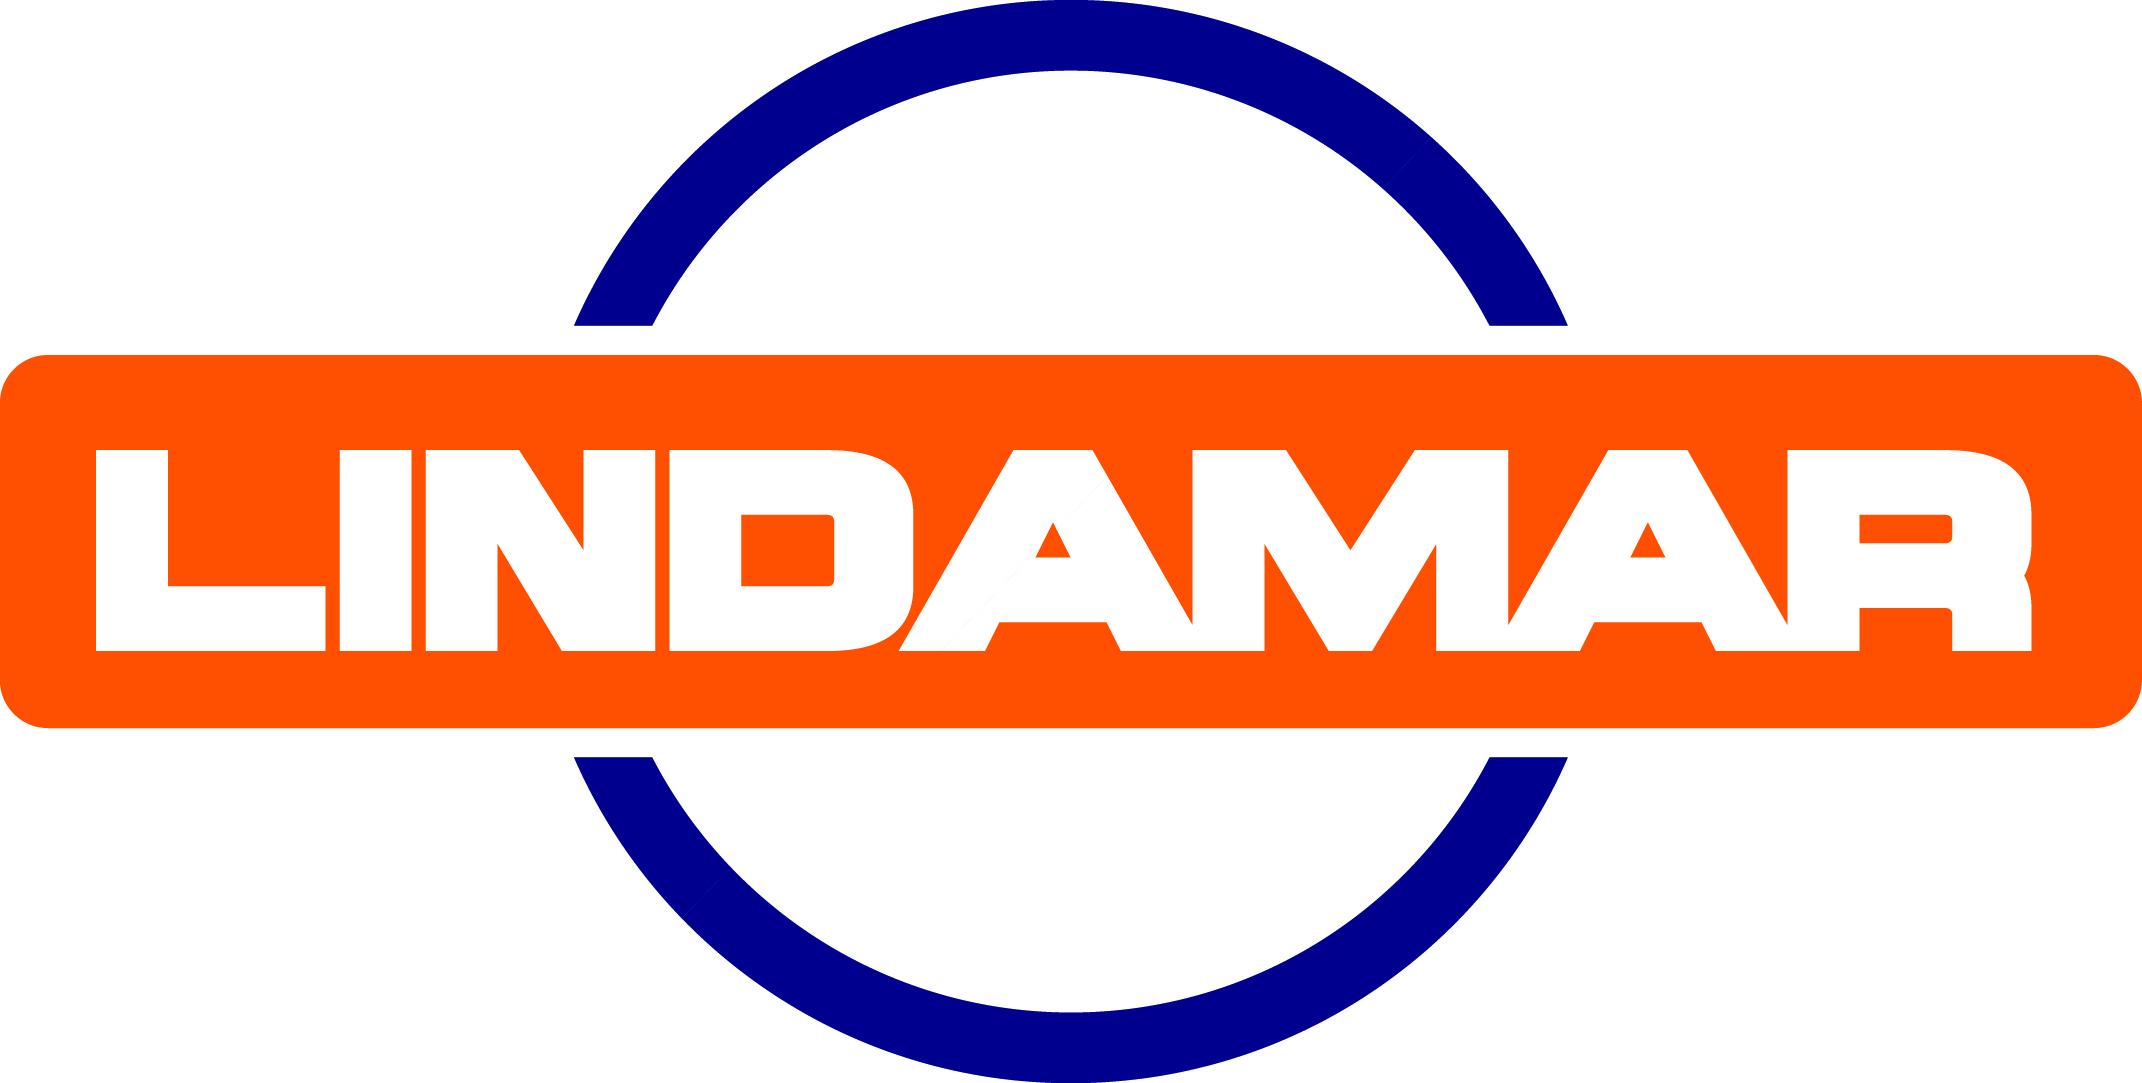 Lindamar_Logo.jpg